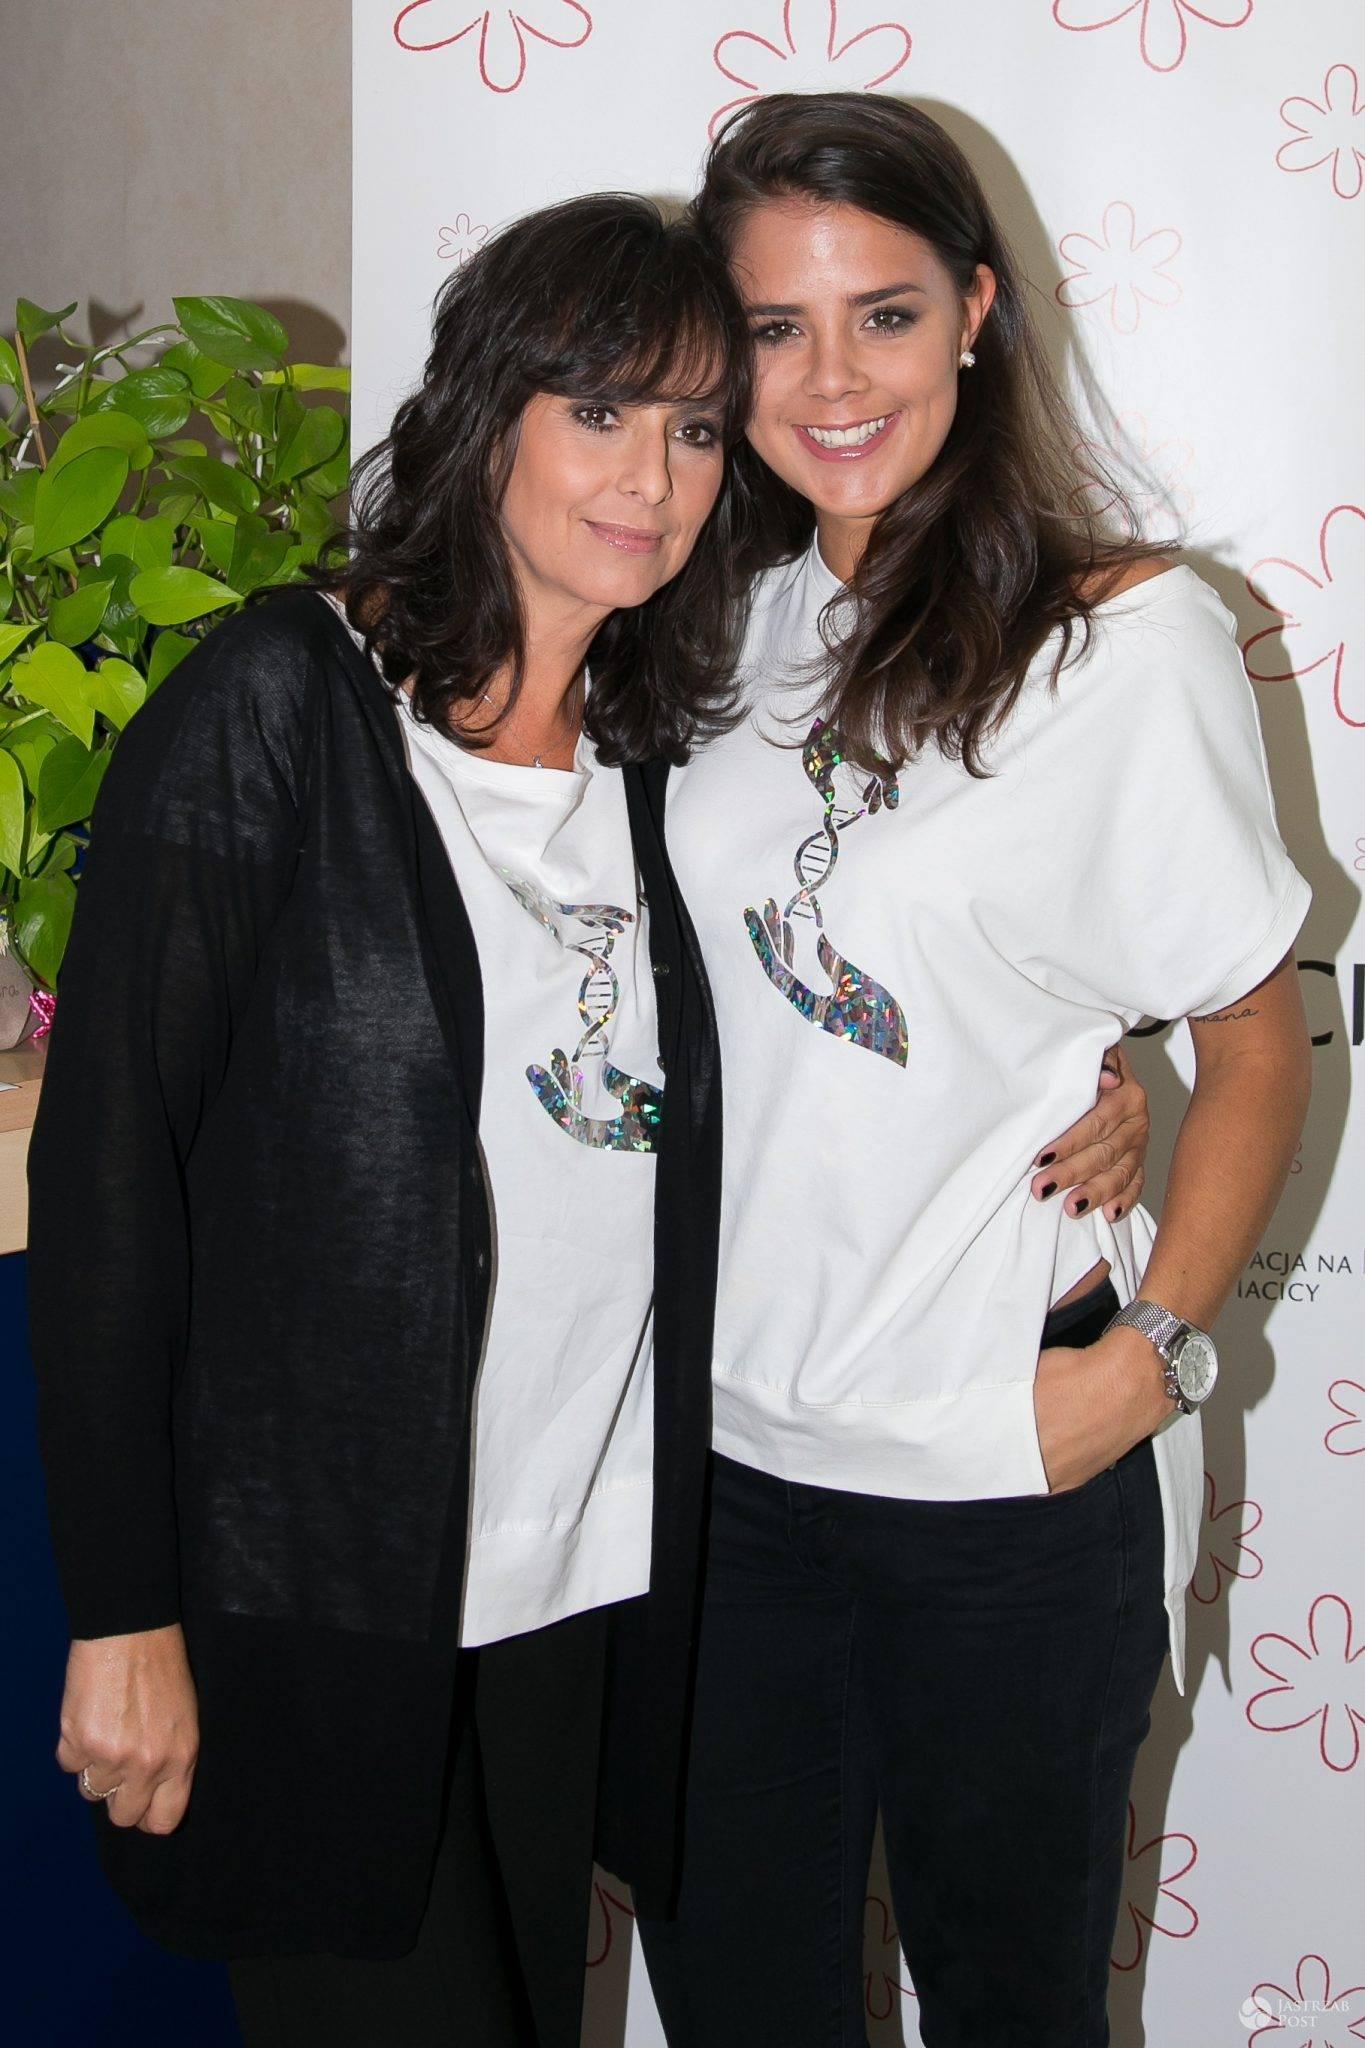 Anna Korcz z córką Anną na konferencji prasowej akcji społecznej Kwiat Kobiecości